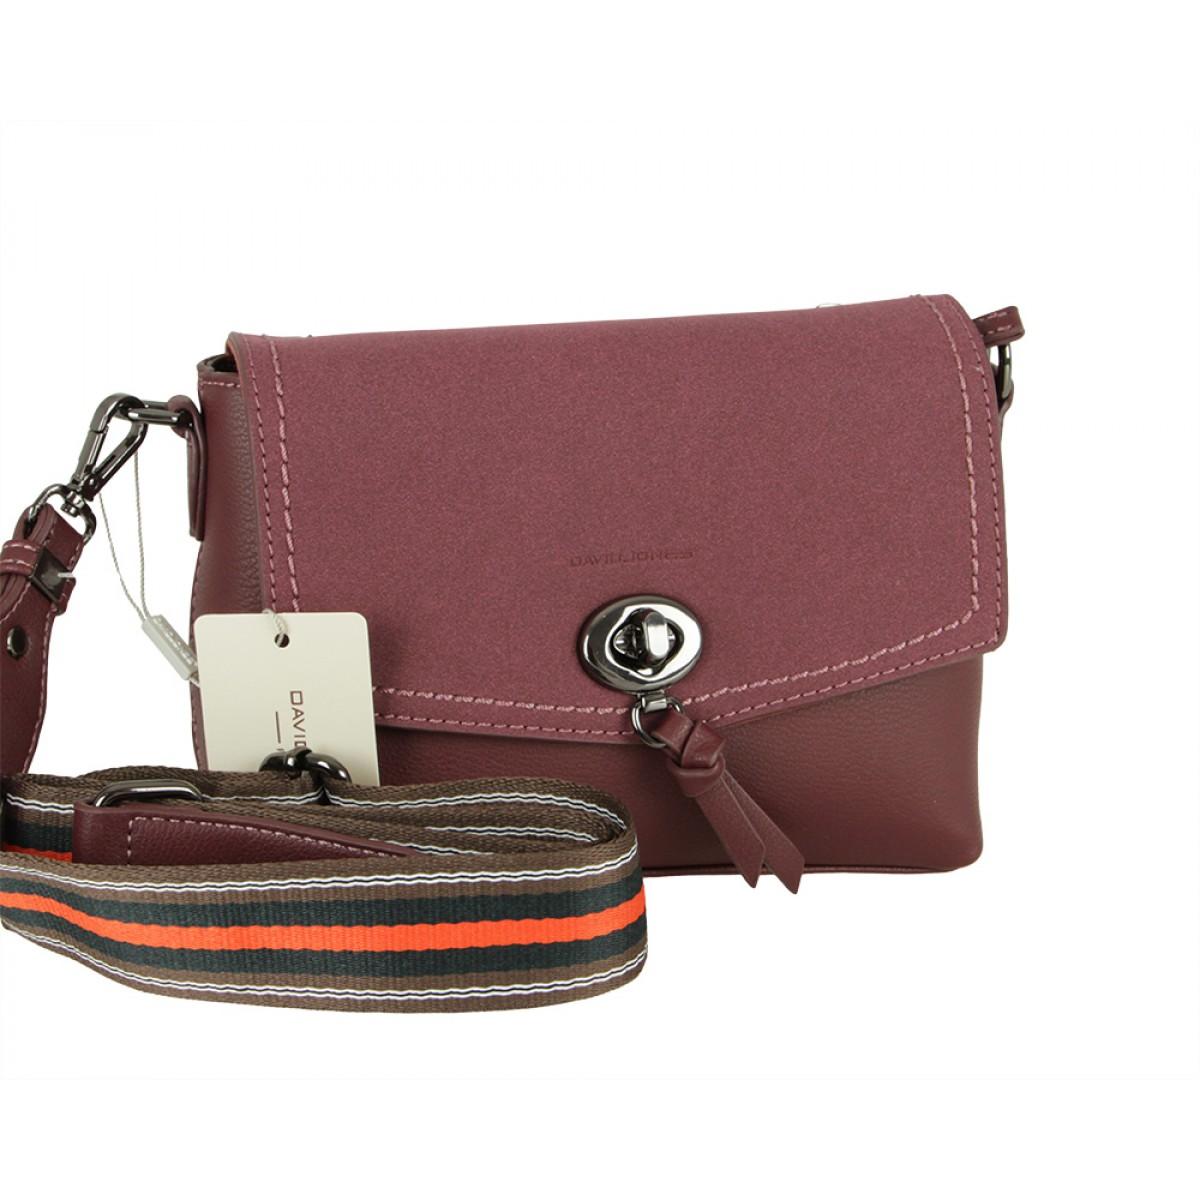 Жіноча сумка David Jones CM5387 DARK BORDEAUX